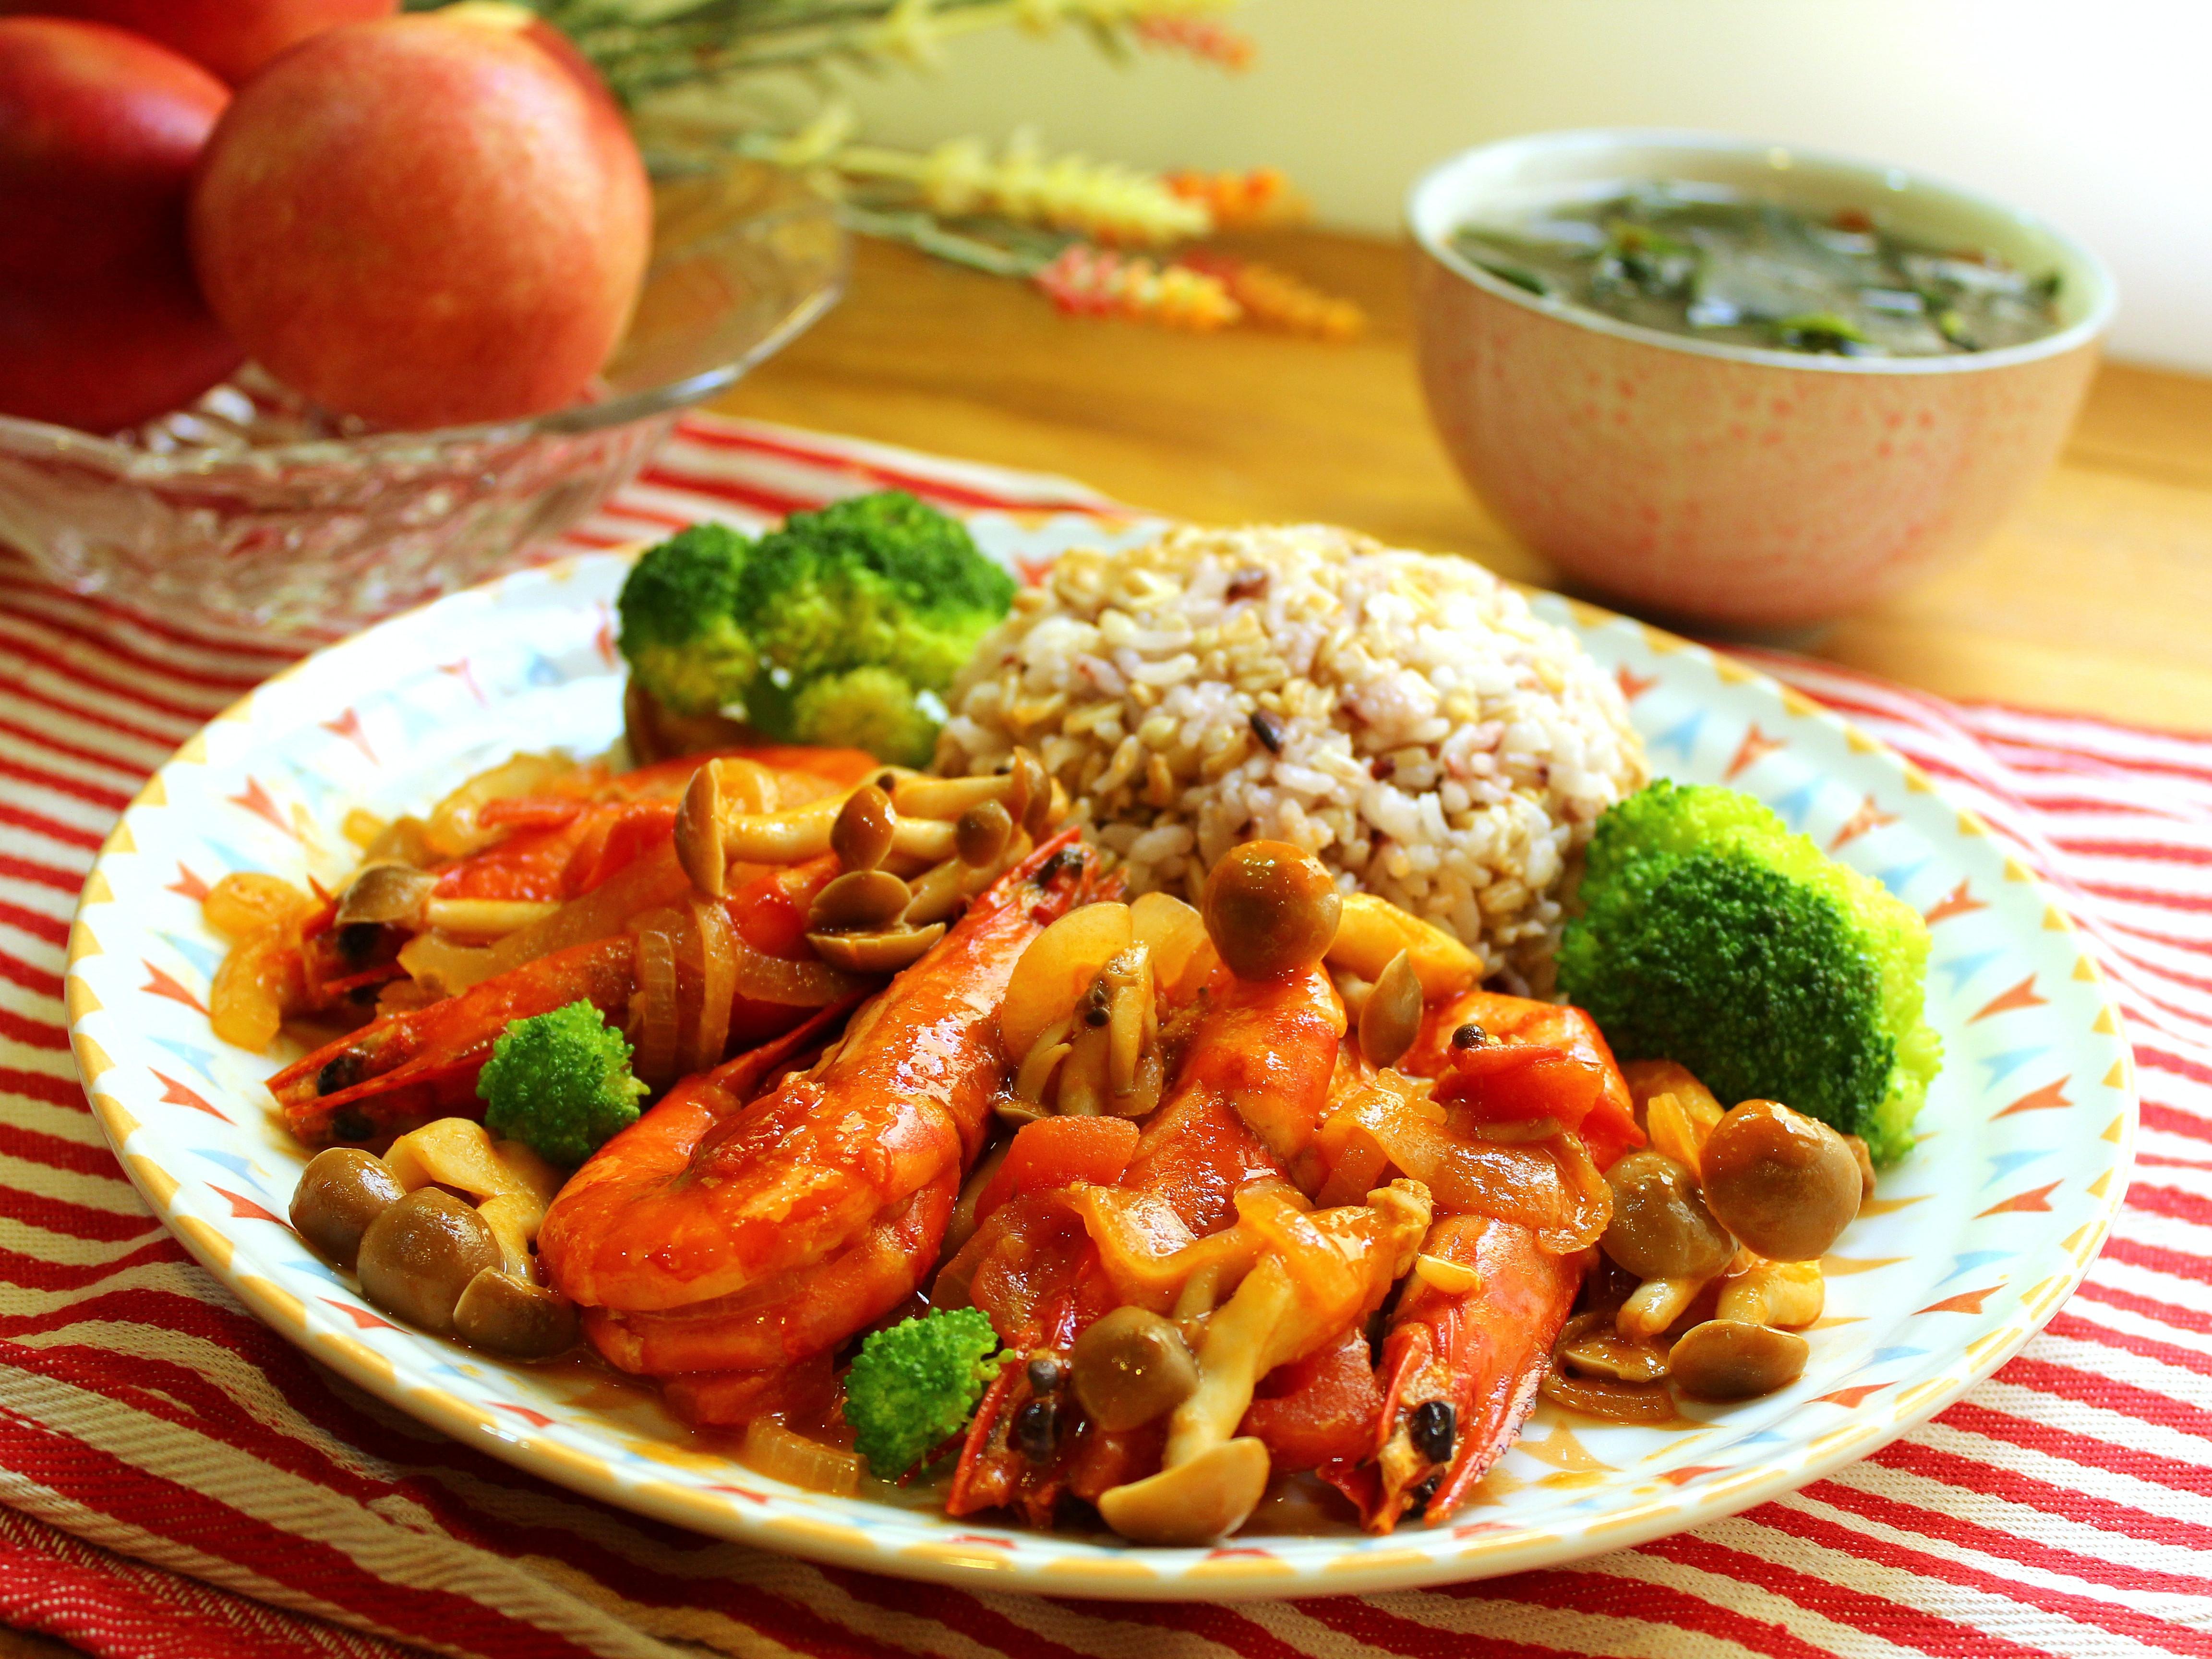 番茄醬蝦與五穀飯